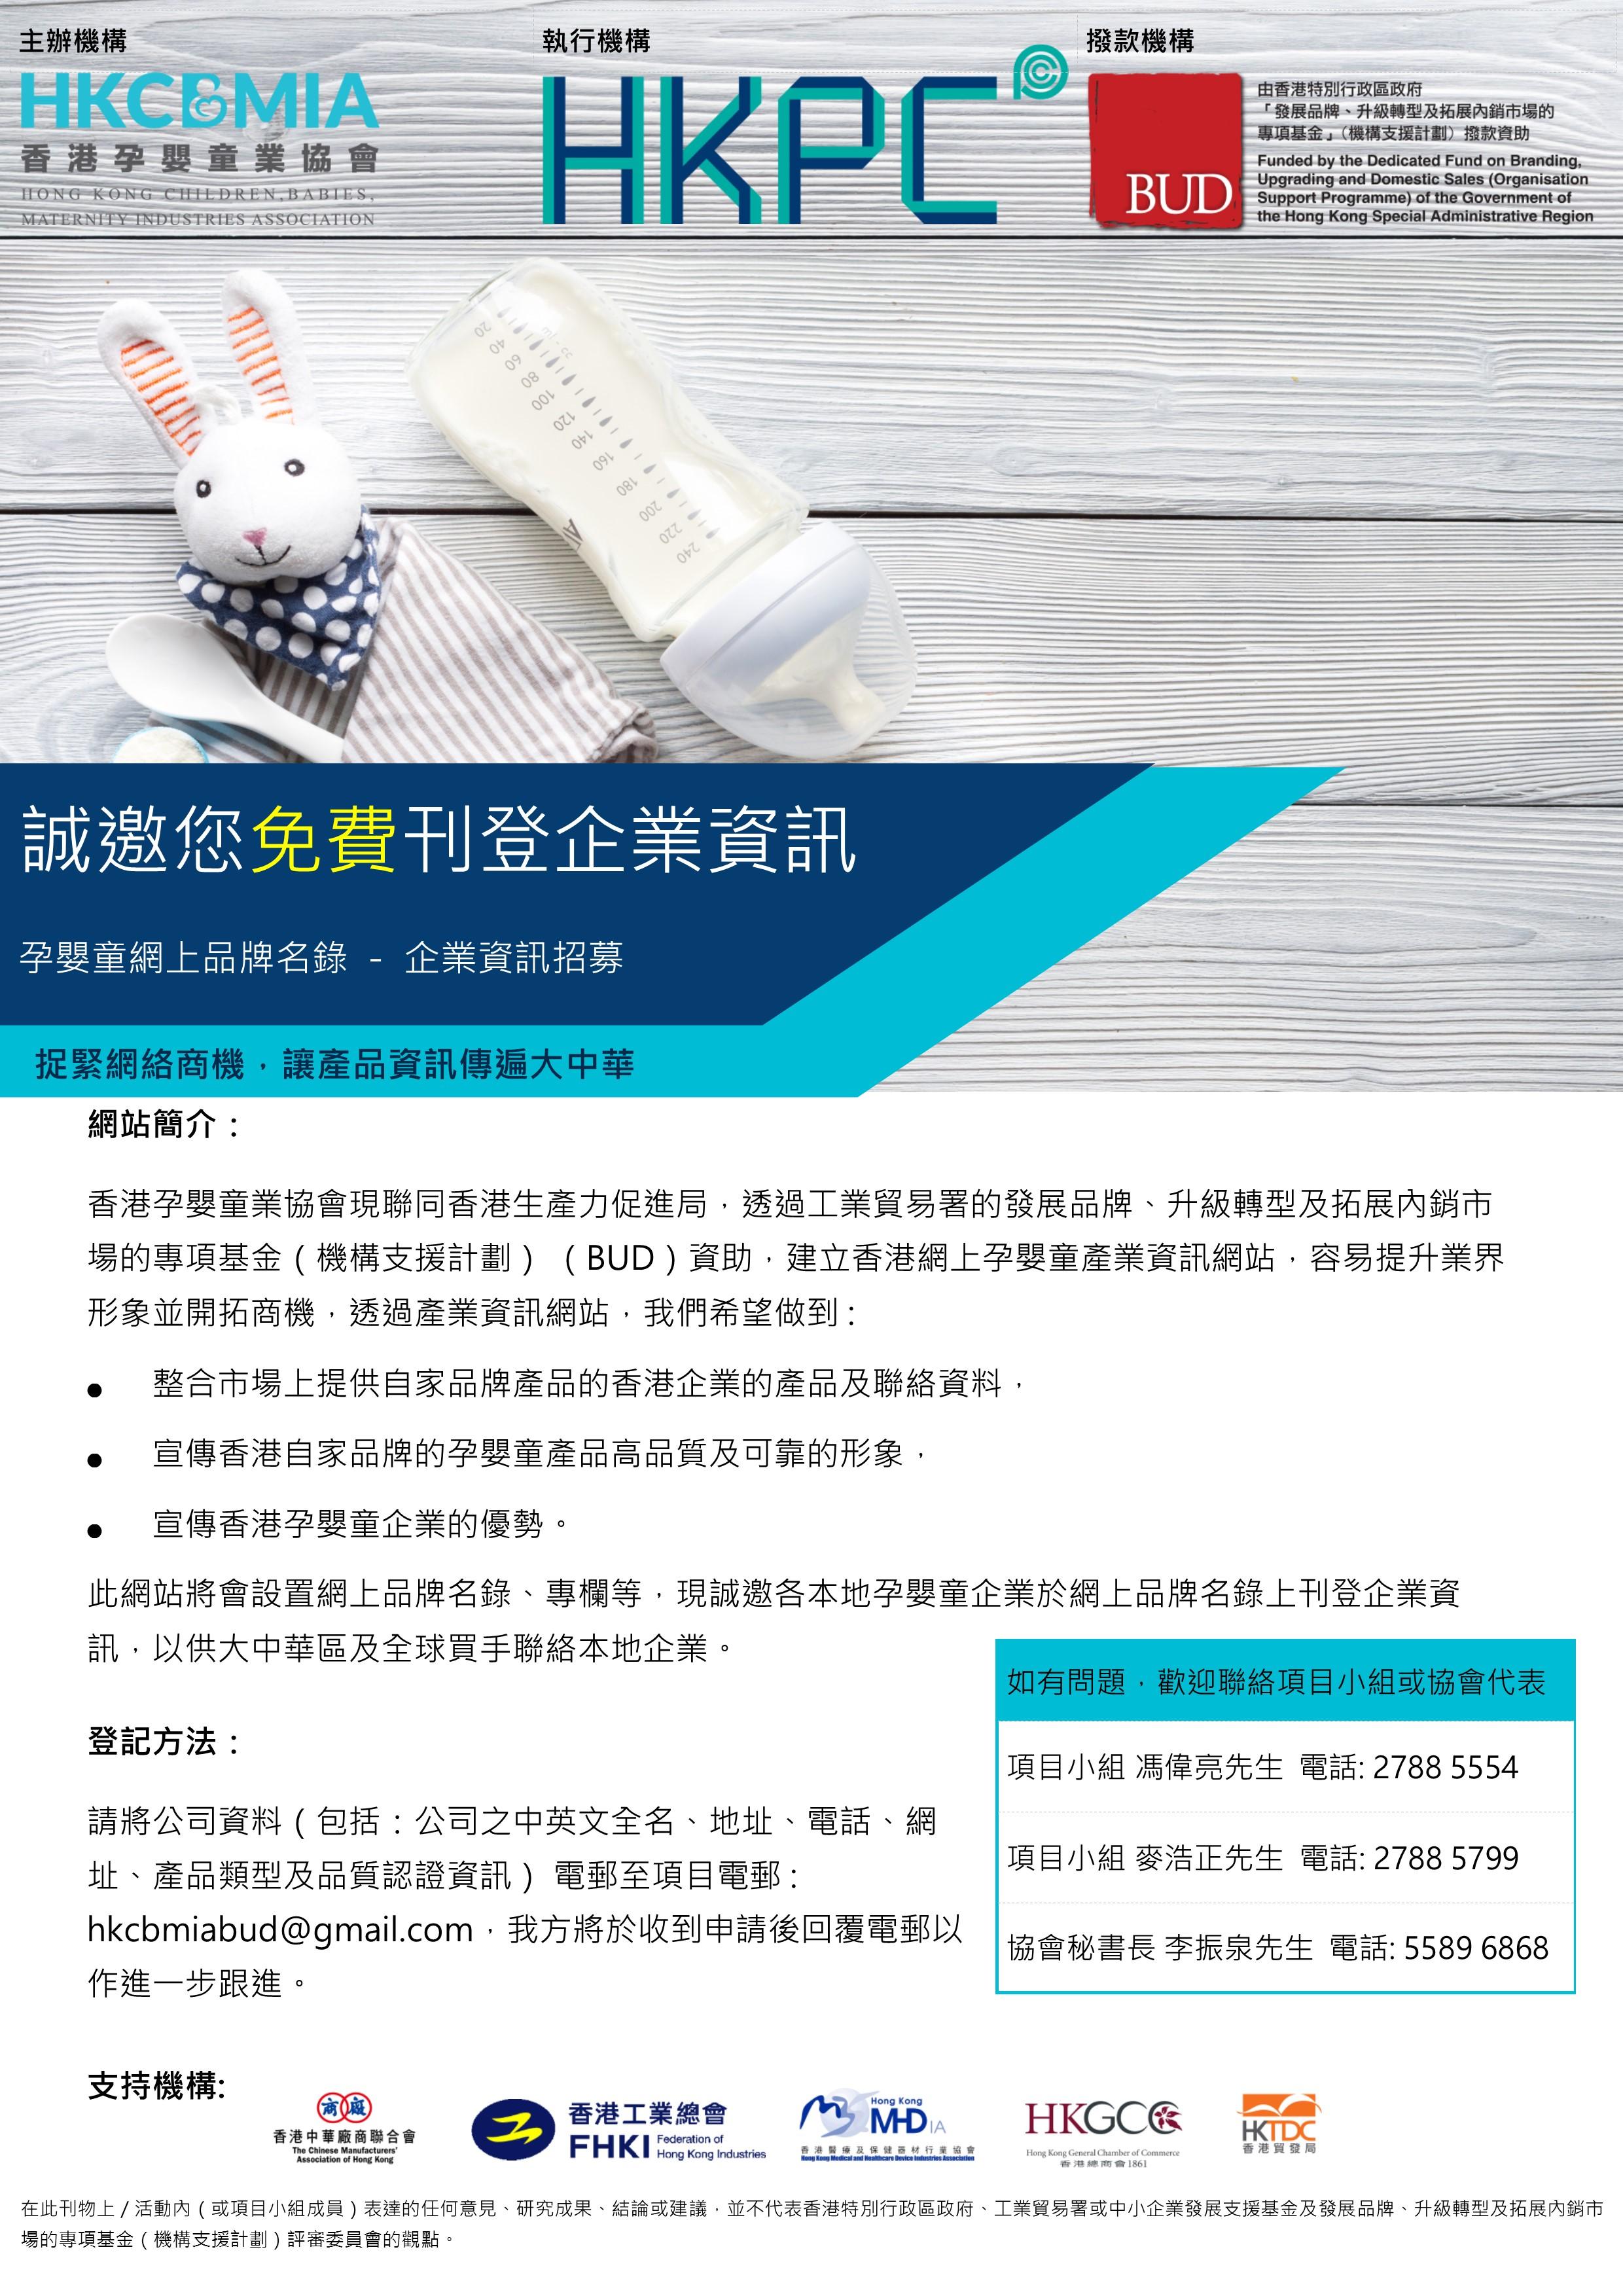 香港孕嬰童業網上資料庫-歡迎各公司刊登資料